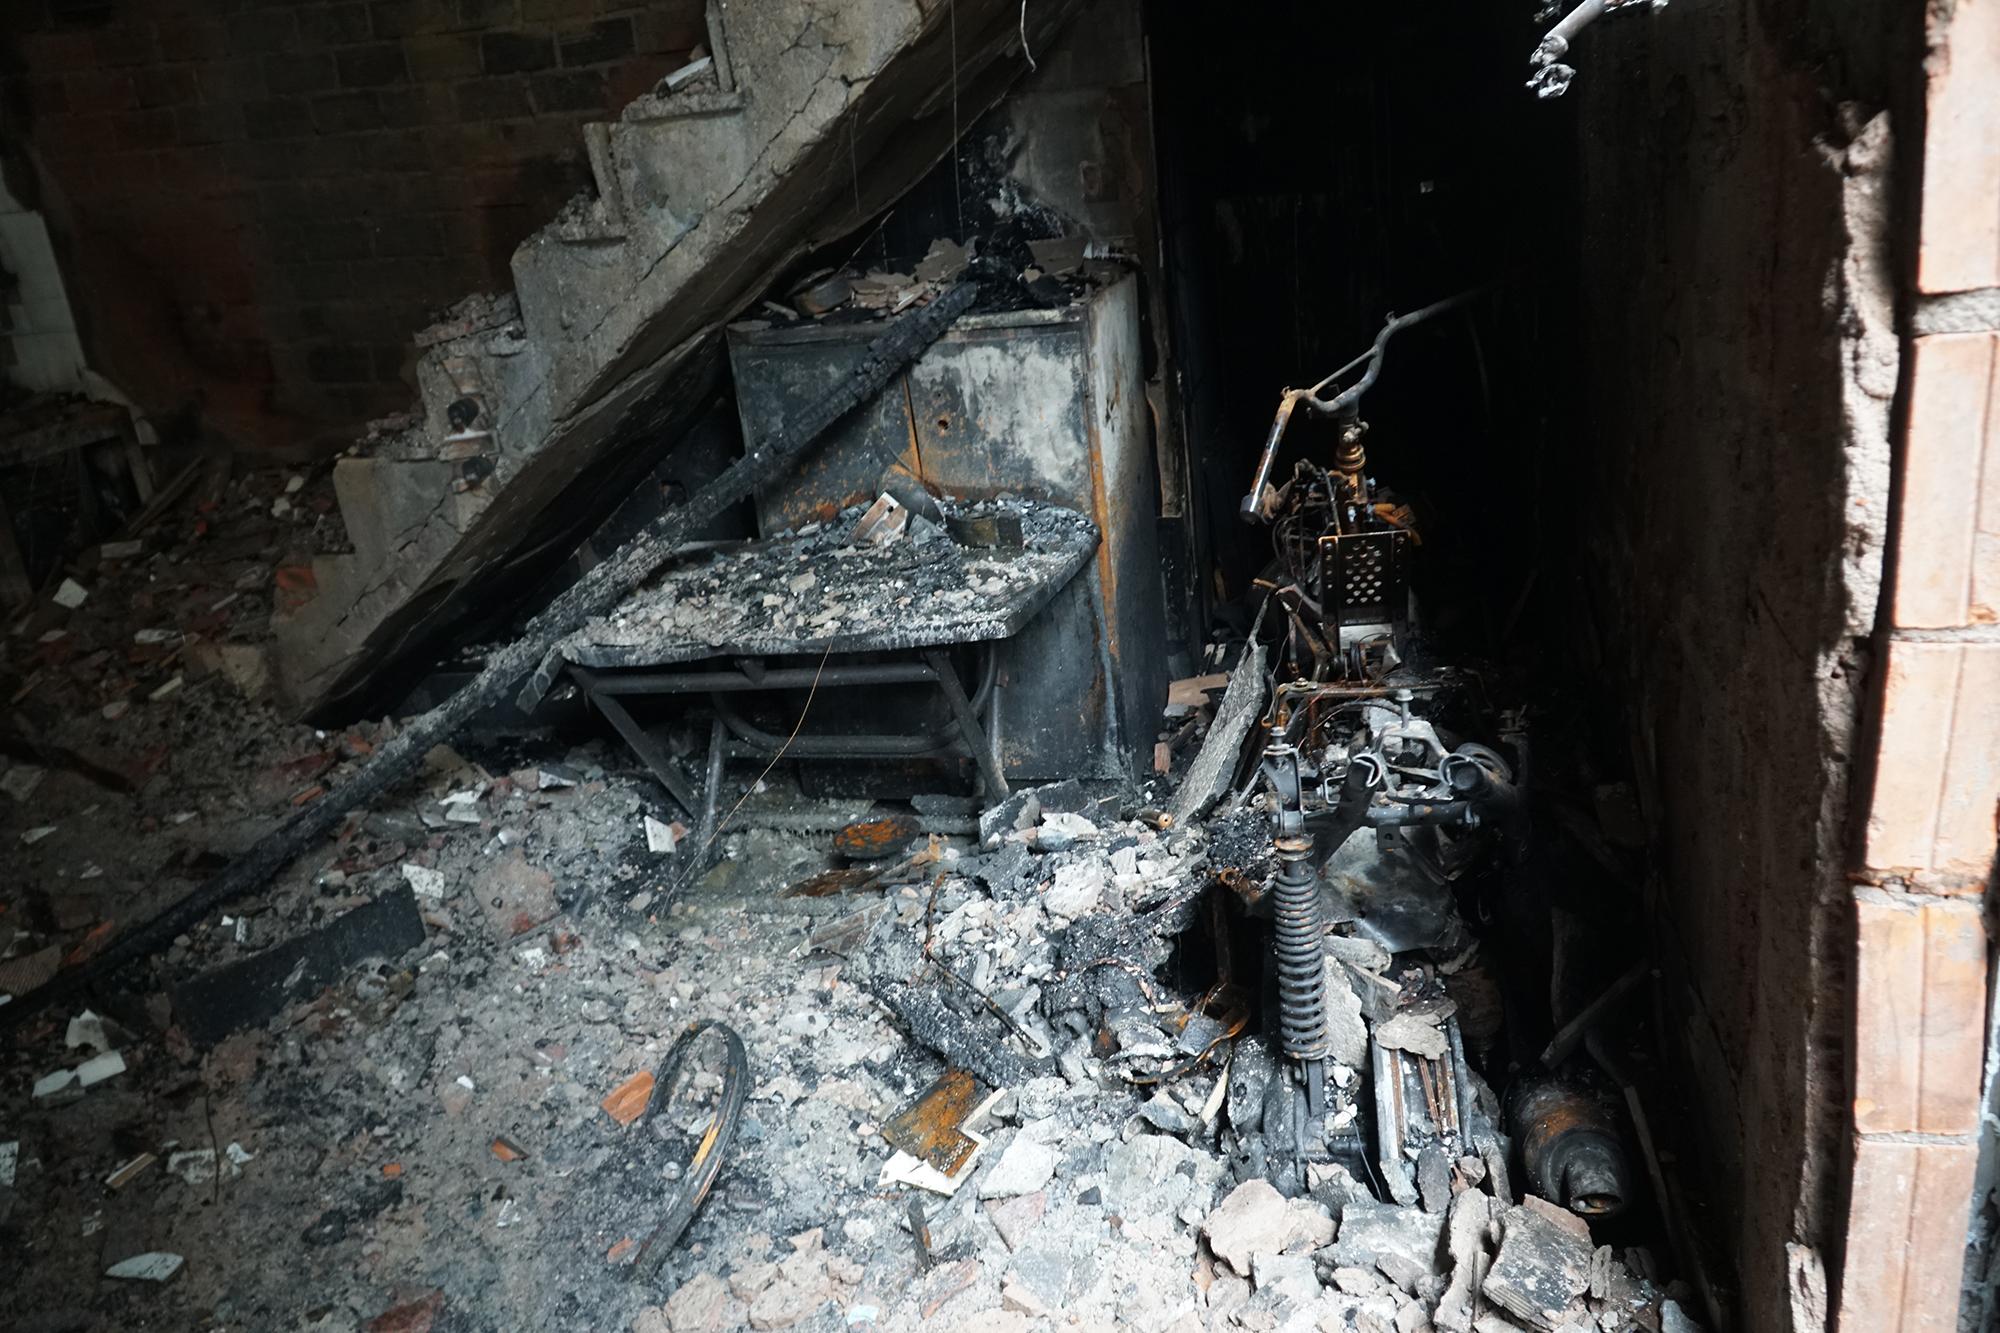 Nhà cháy 8 người chết do thùng xi đổ lan vào bếp nến